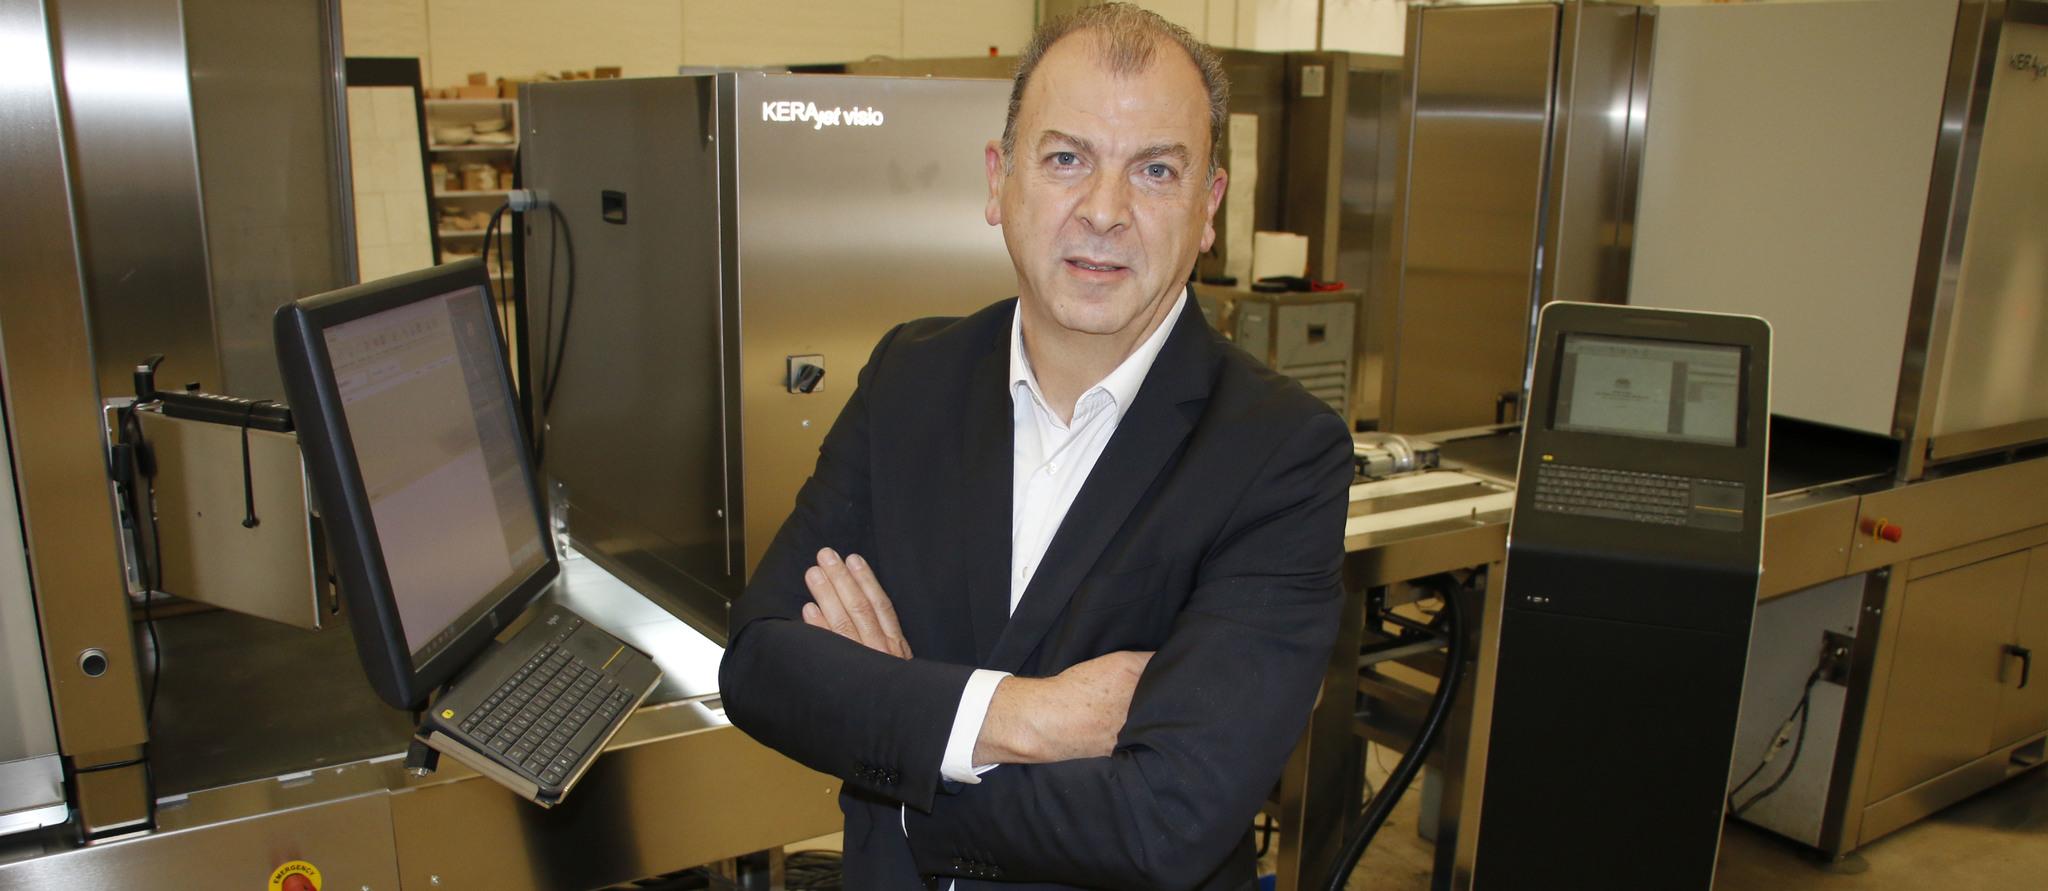 José Vicente Tomás  Claramonte es el director general de Kerajet.